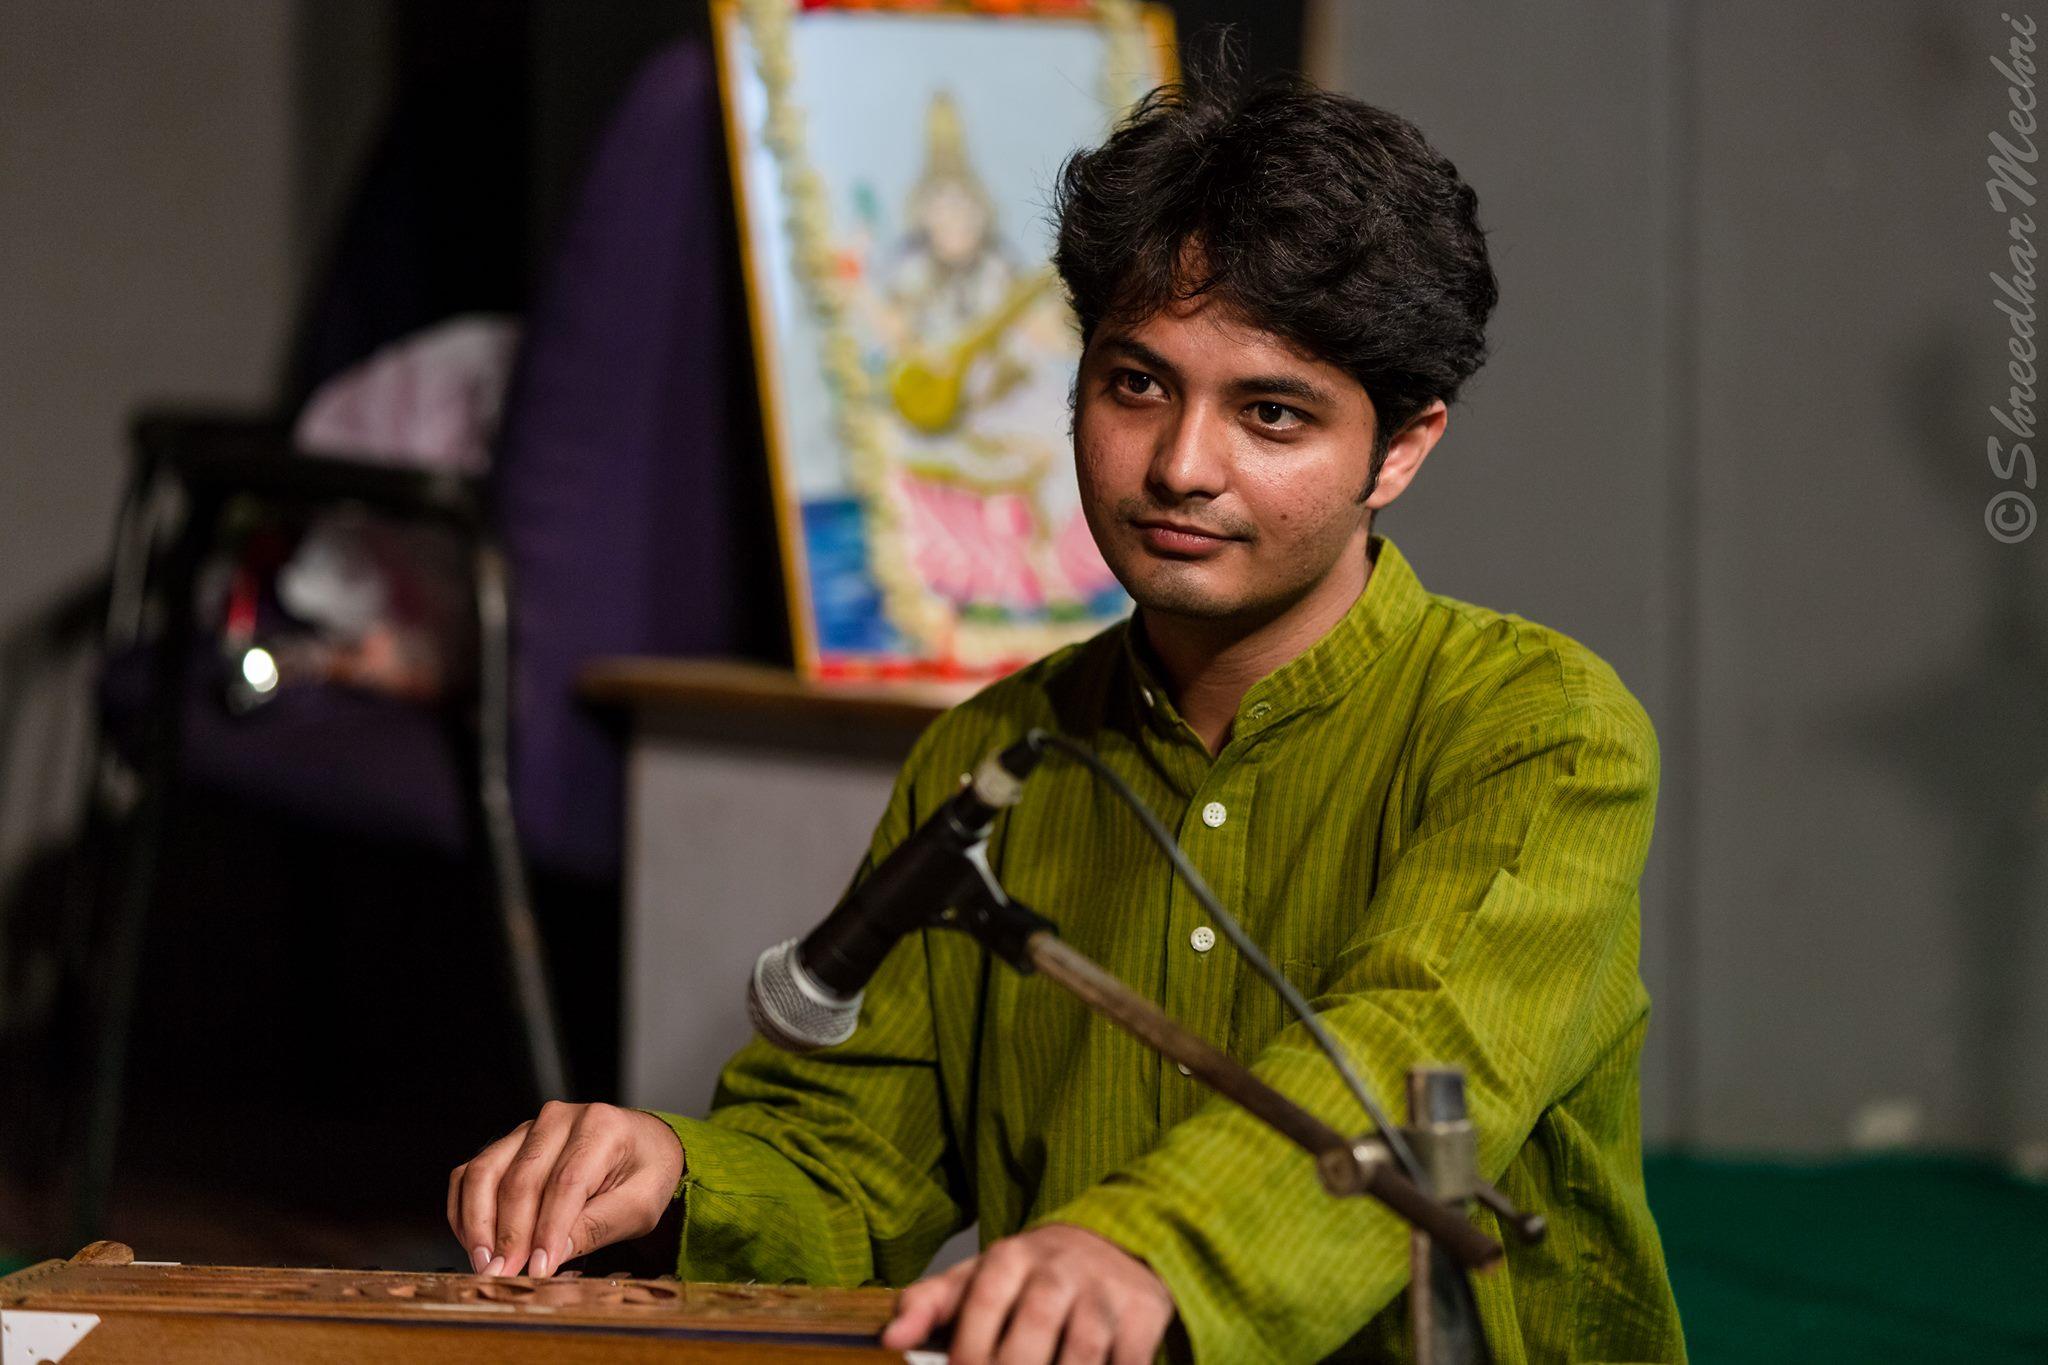 Sameer Havaldar Profile Photo.jpg